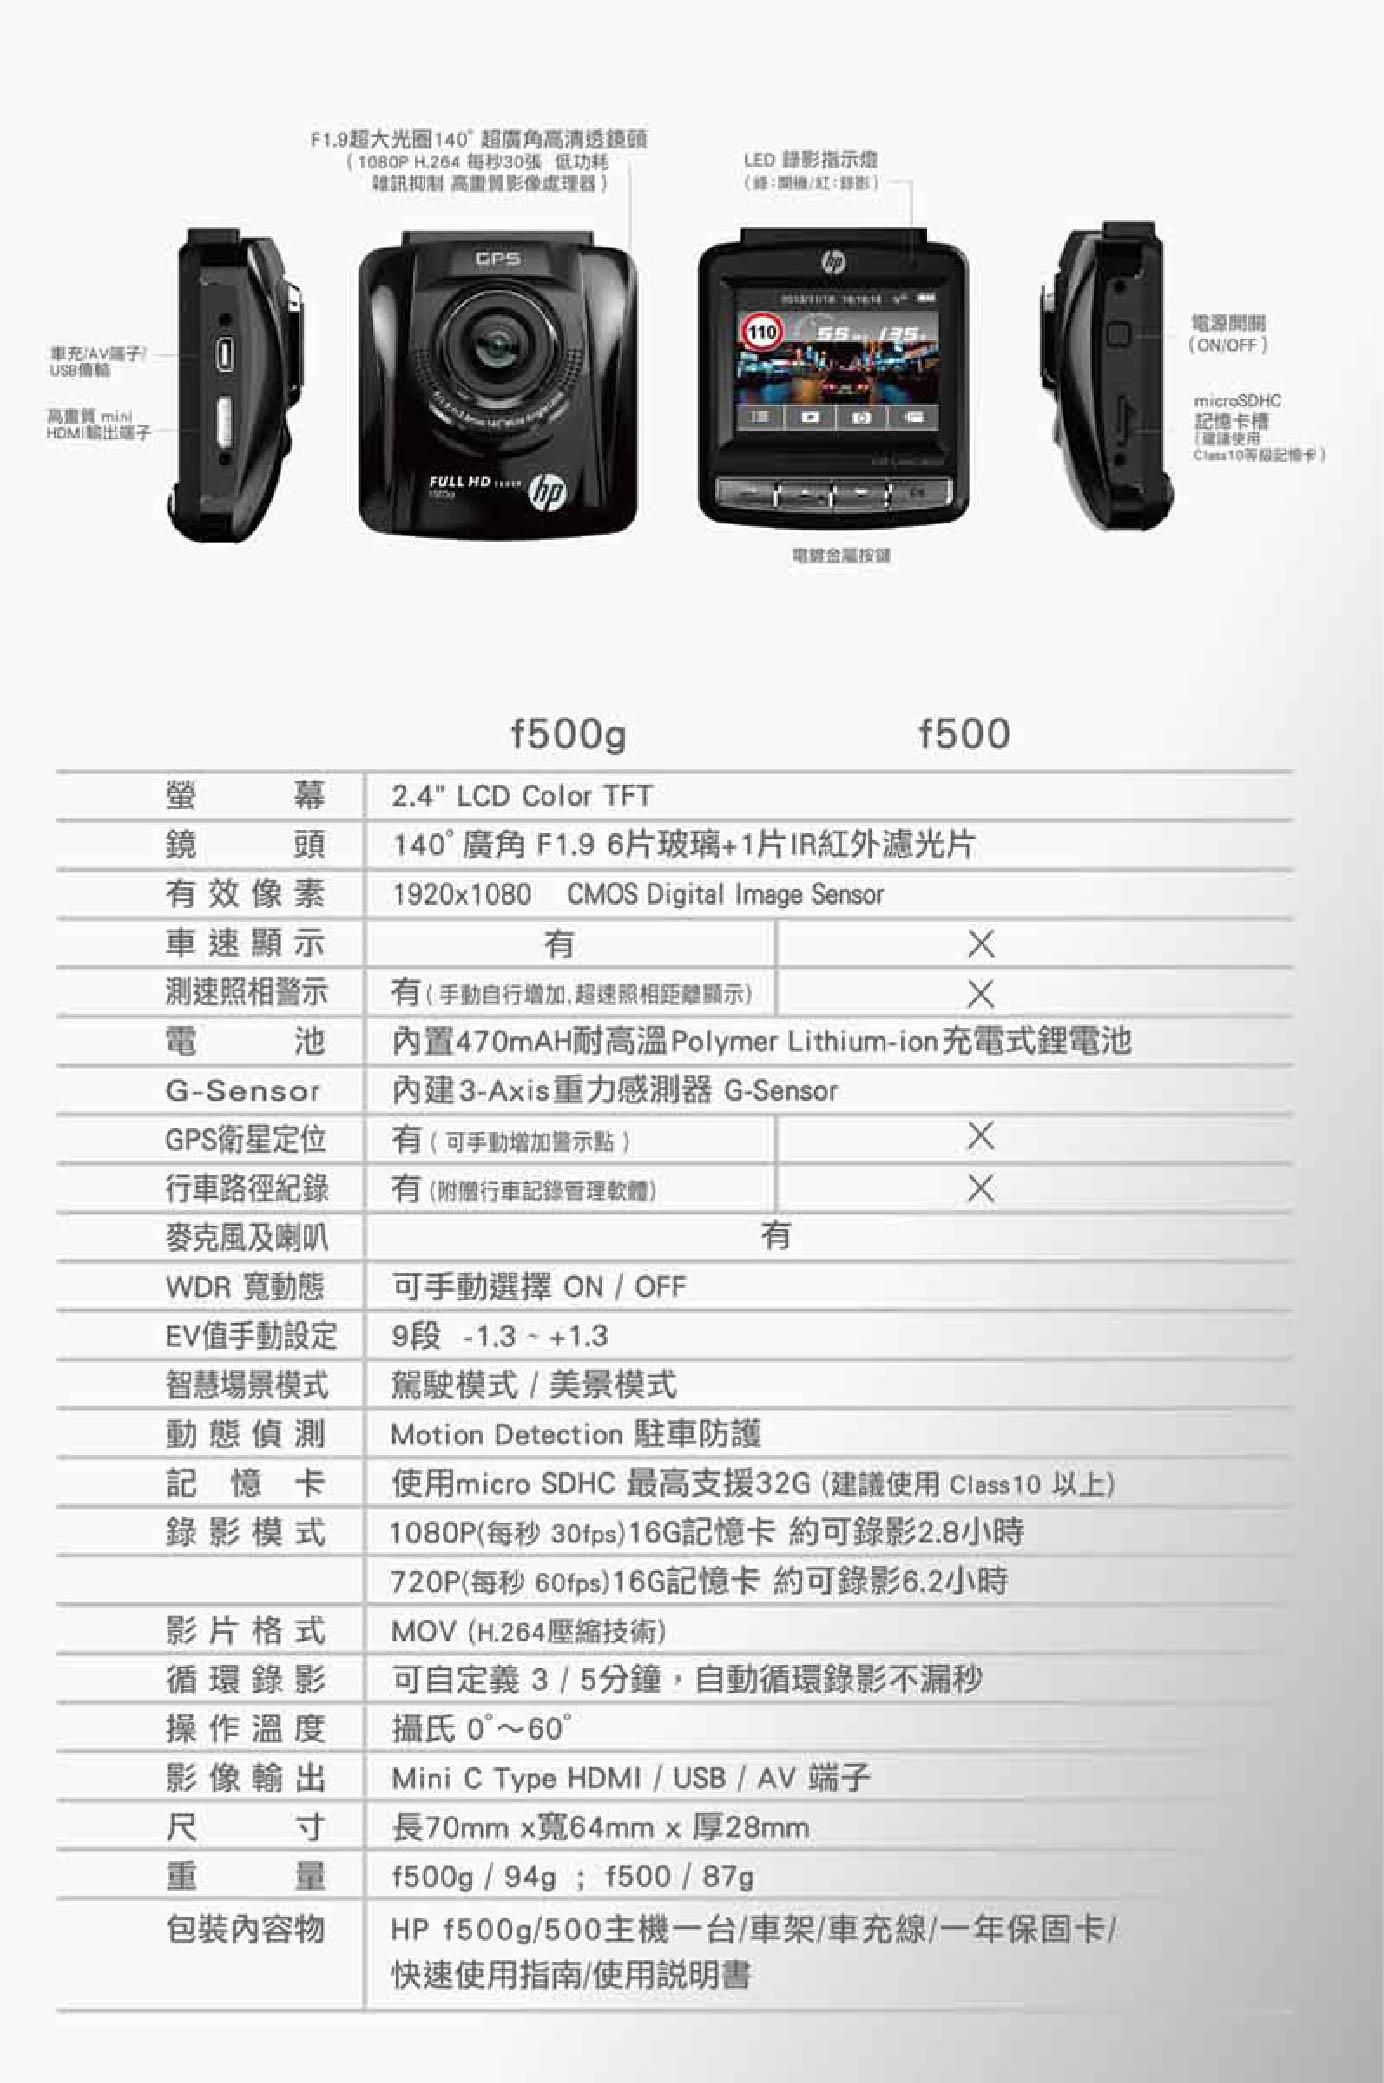 ELK-HP惠普 F500G(測速器版) 1.9大光圈超廣角行車紀錄器 高清畫質1920x1080 穩定度高(保固詳情請參閱商品描述) 5